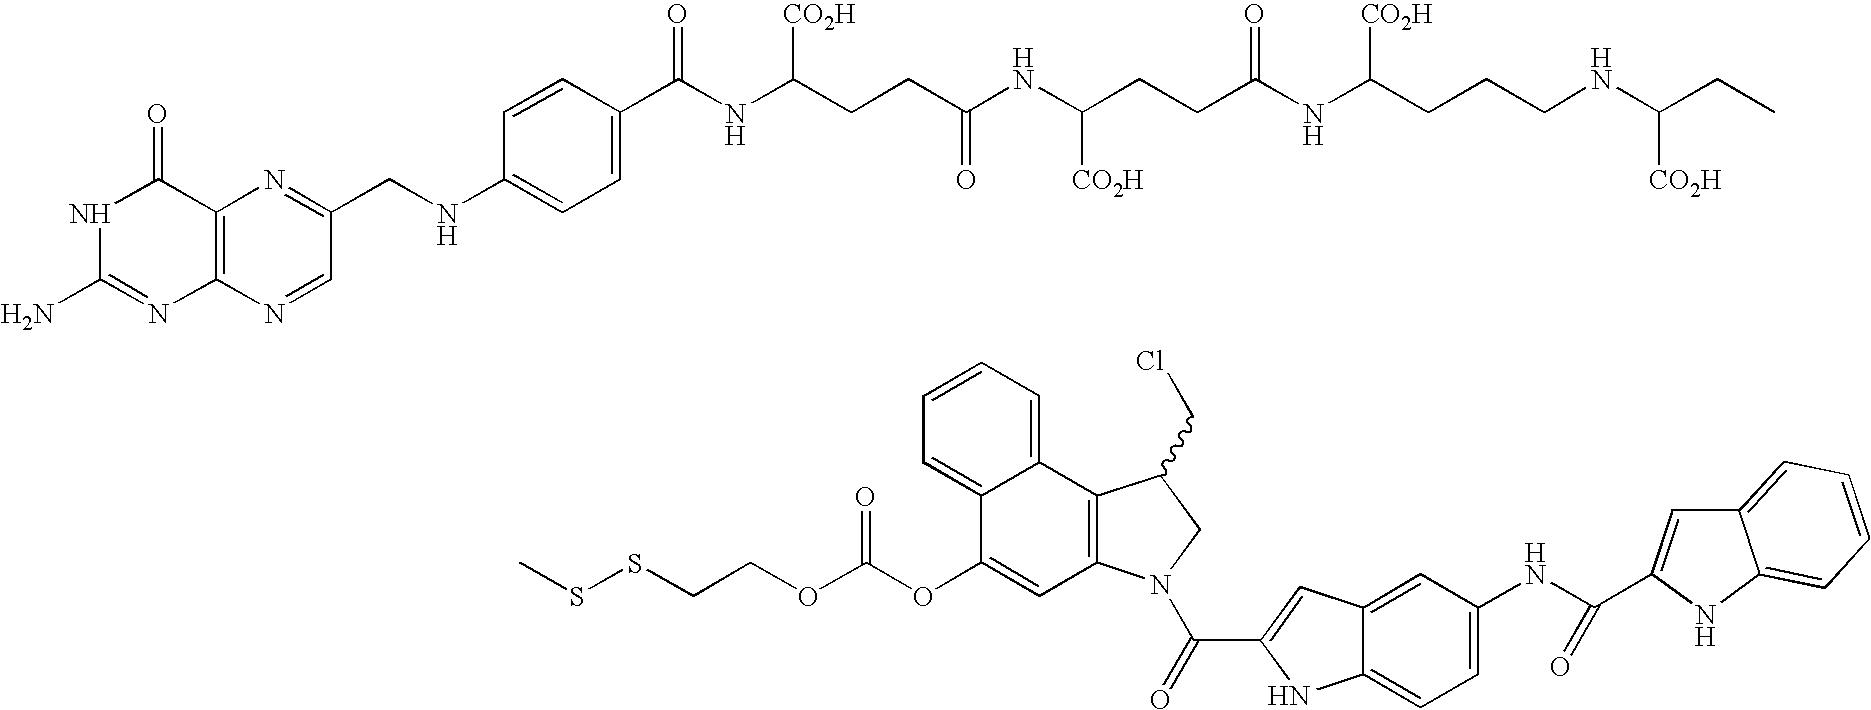 Figure US20100004276A1-20100107-C00148